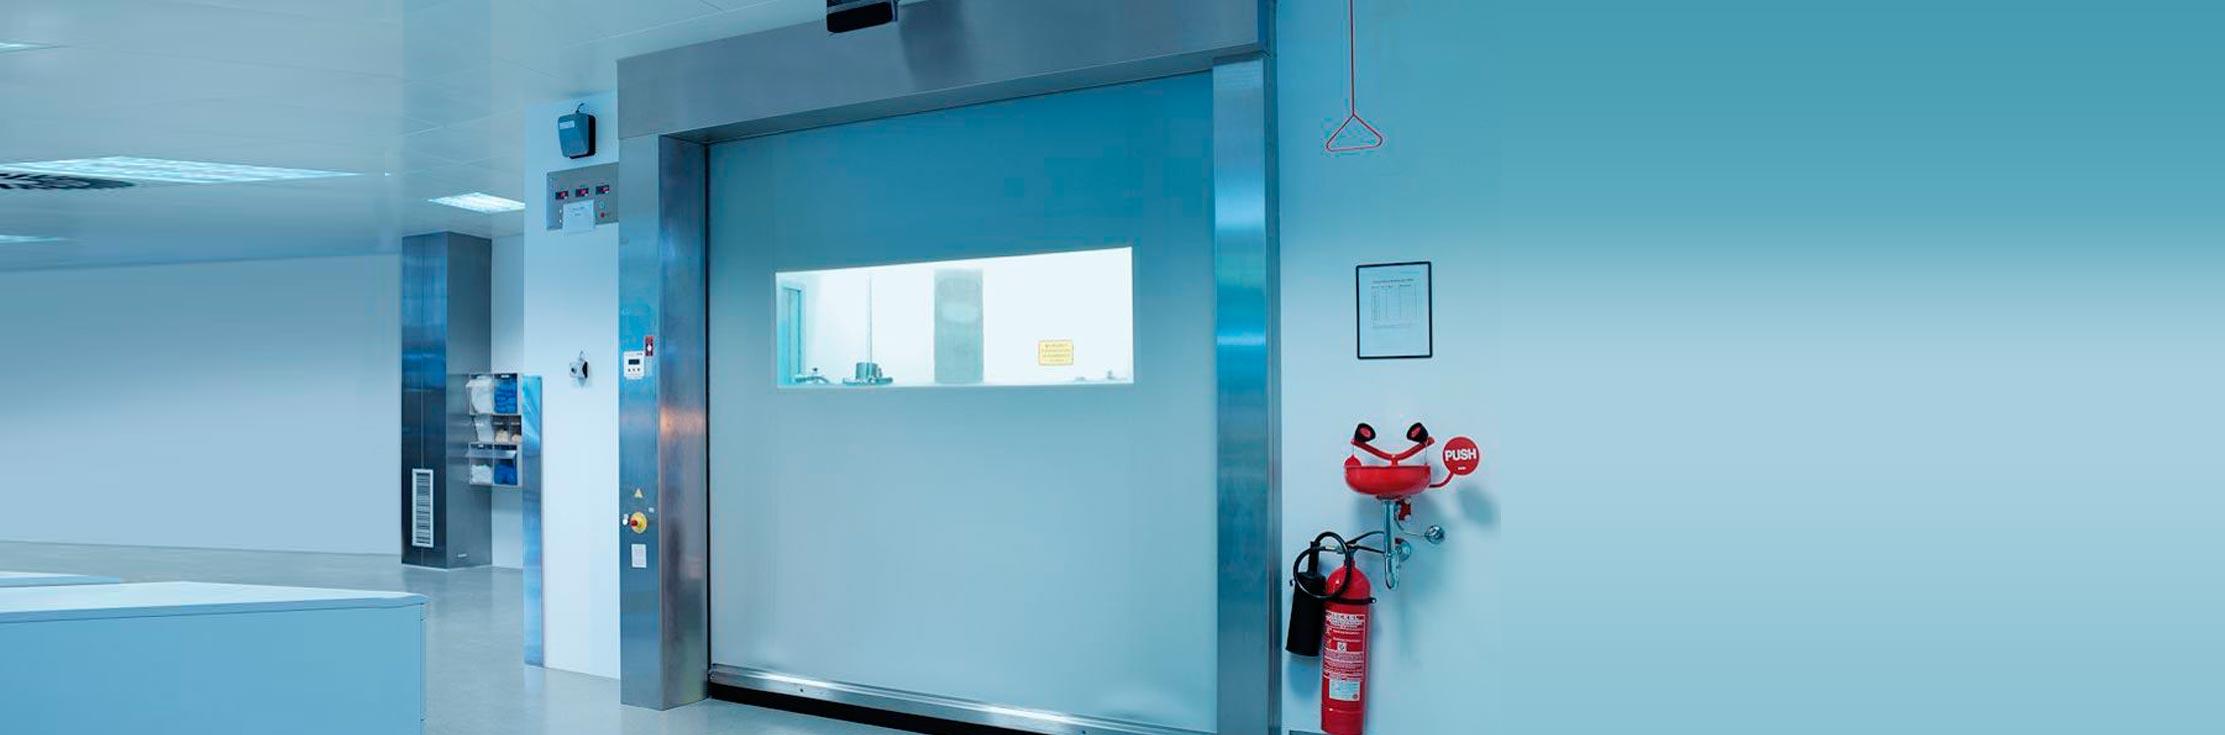 דלתות לחדרים נקיים ומעבדות